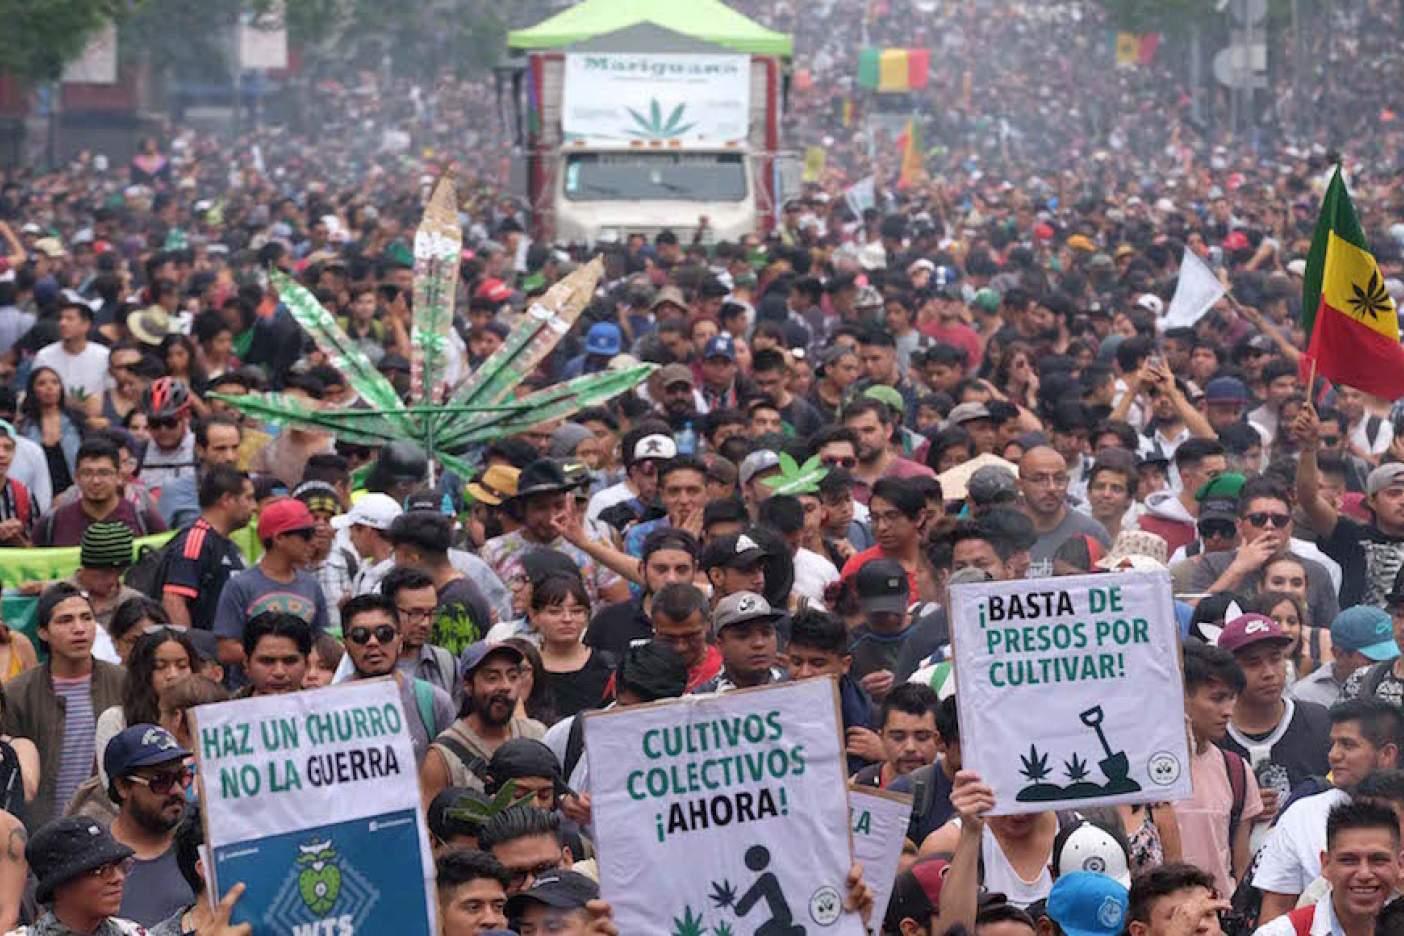 México da un paso atrás en la lucha por la legalización de la marihuana tras desacuerdos en el Senado